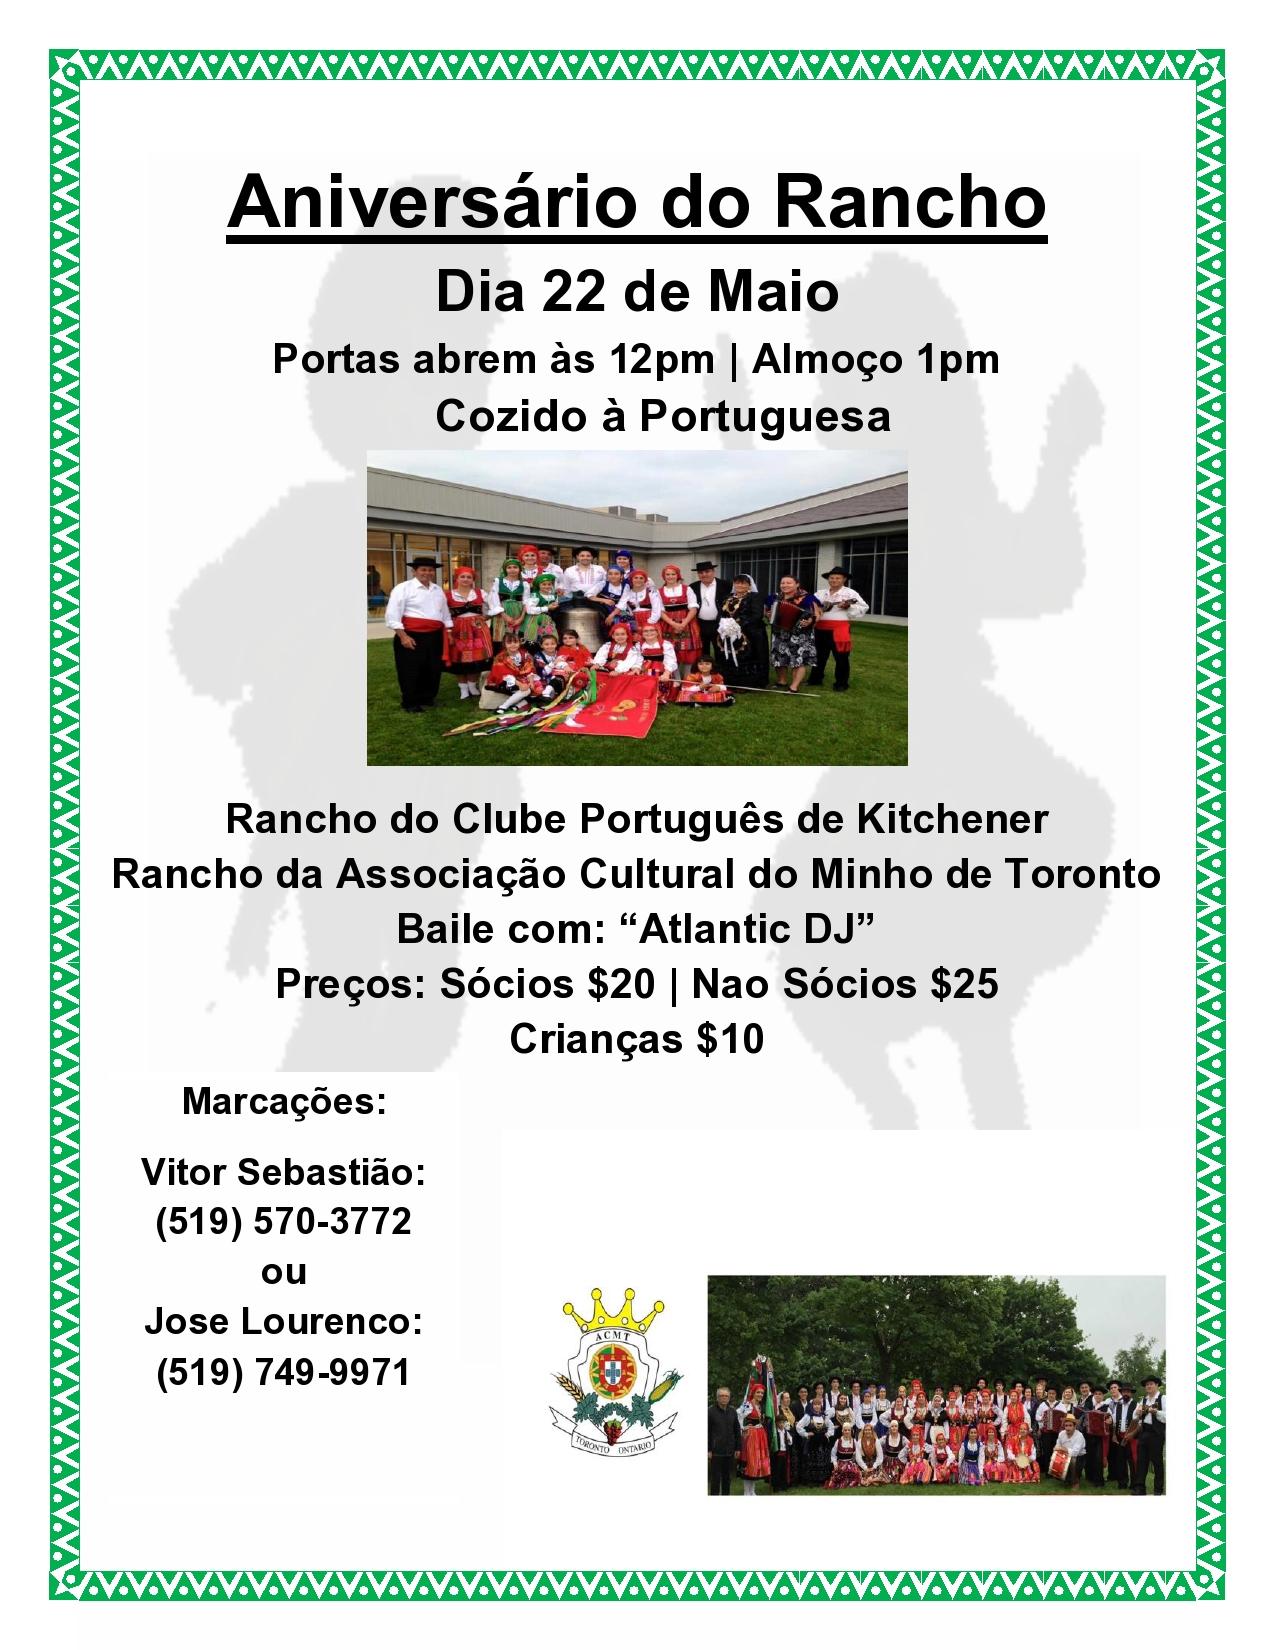 Aniversario Do Rancho 2016